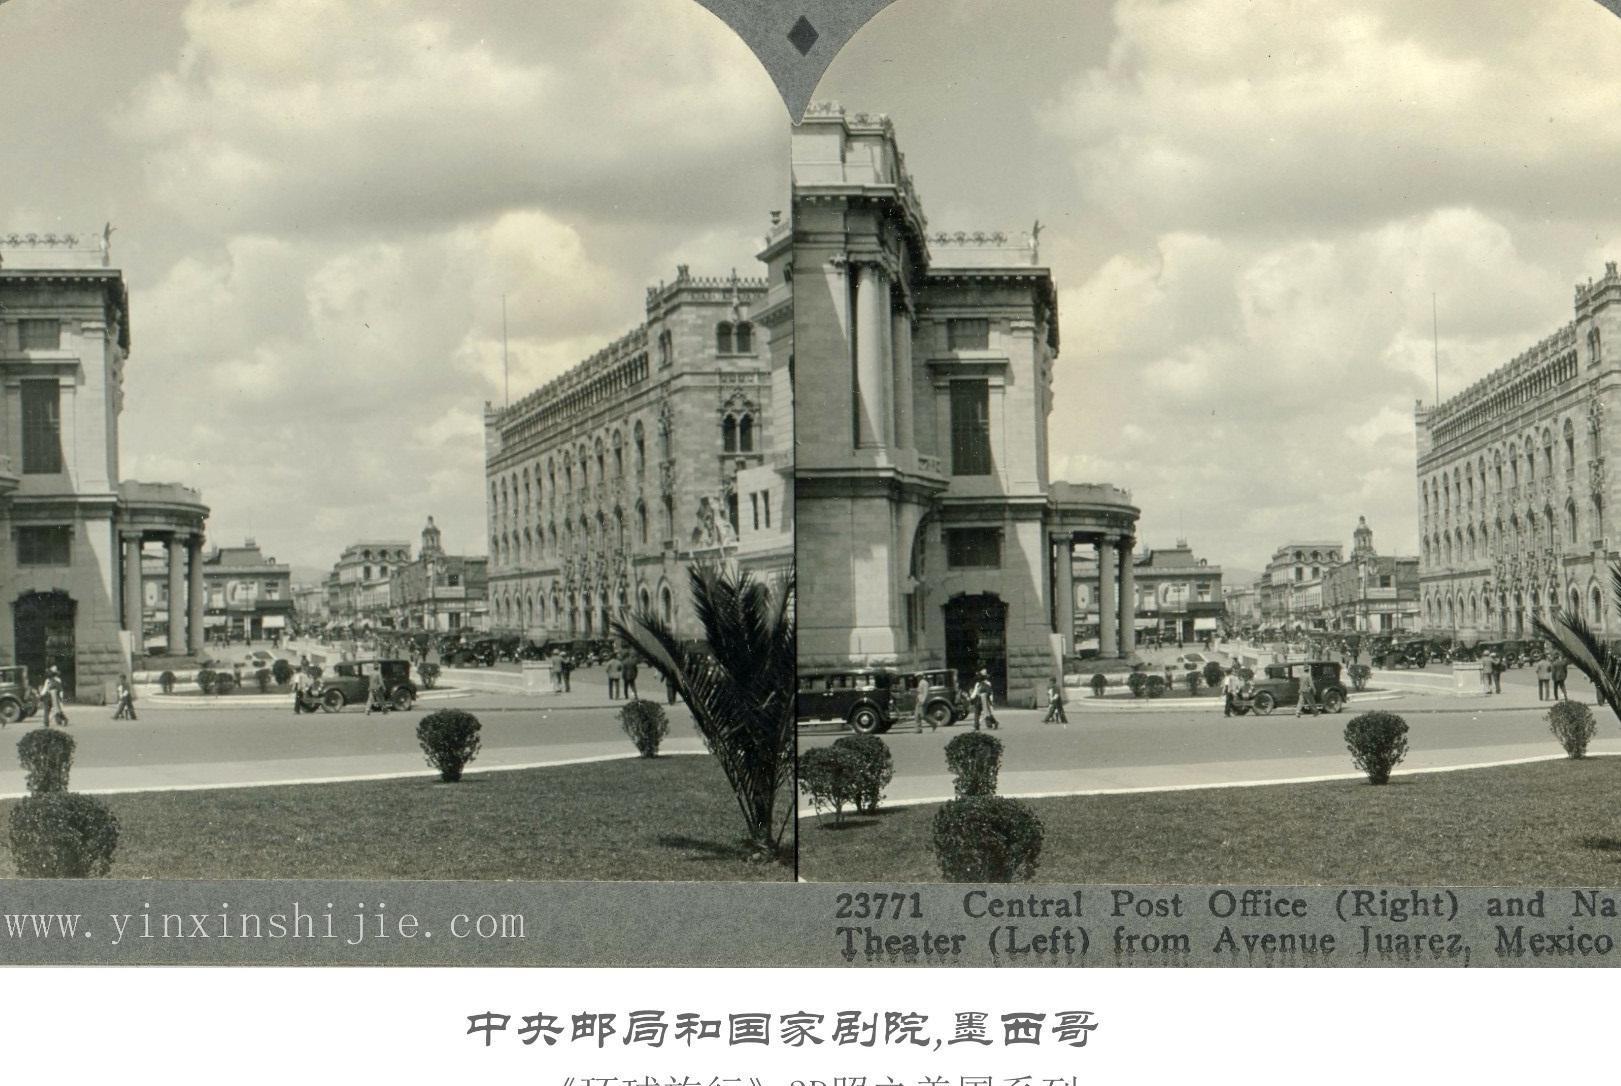 中央邮局和国家剧院,墨西哥-1936年3d版《环球旅行》